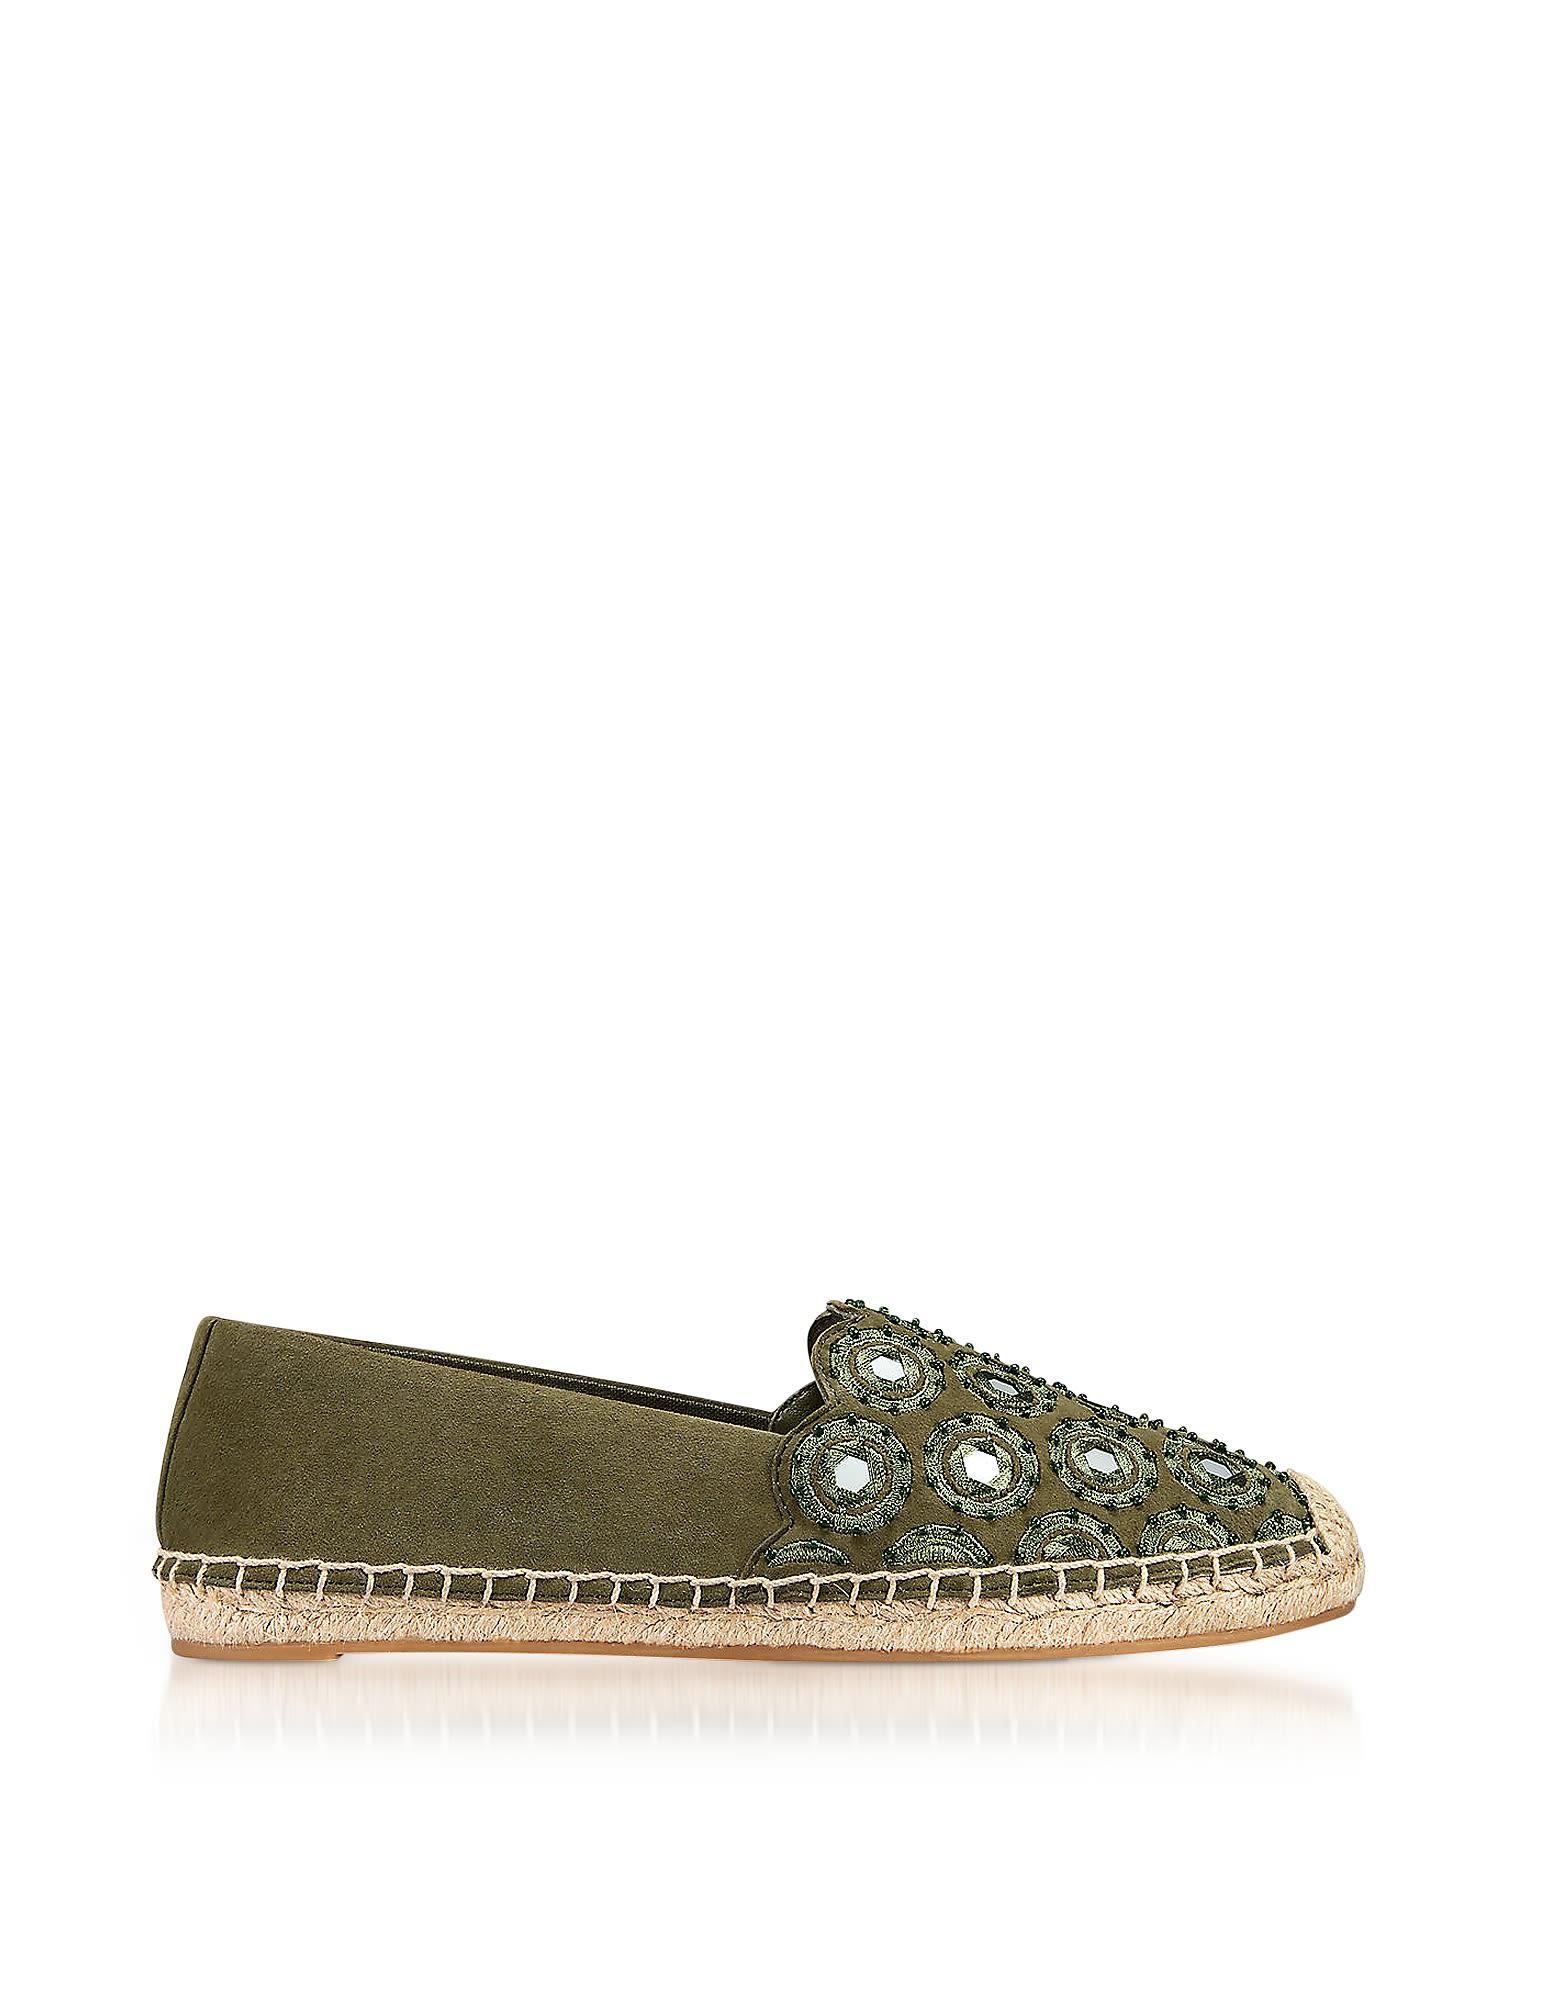 Tory Burch Designer Shoes, Yasmin Olive Suede Embellished Flat Espadrilles